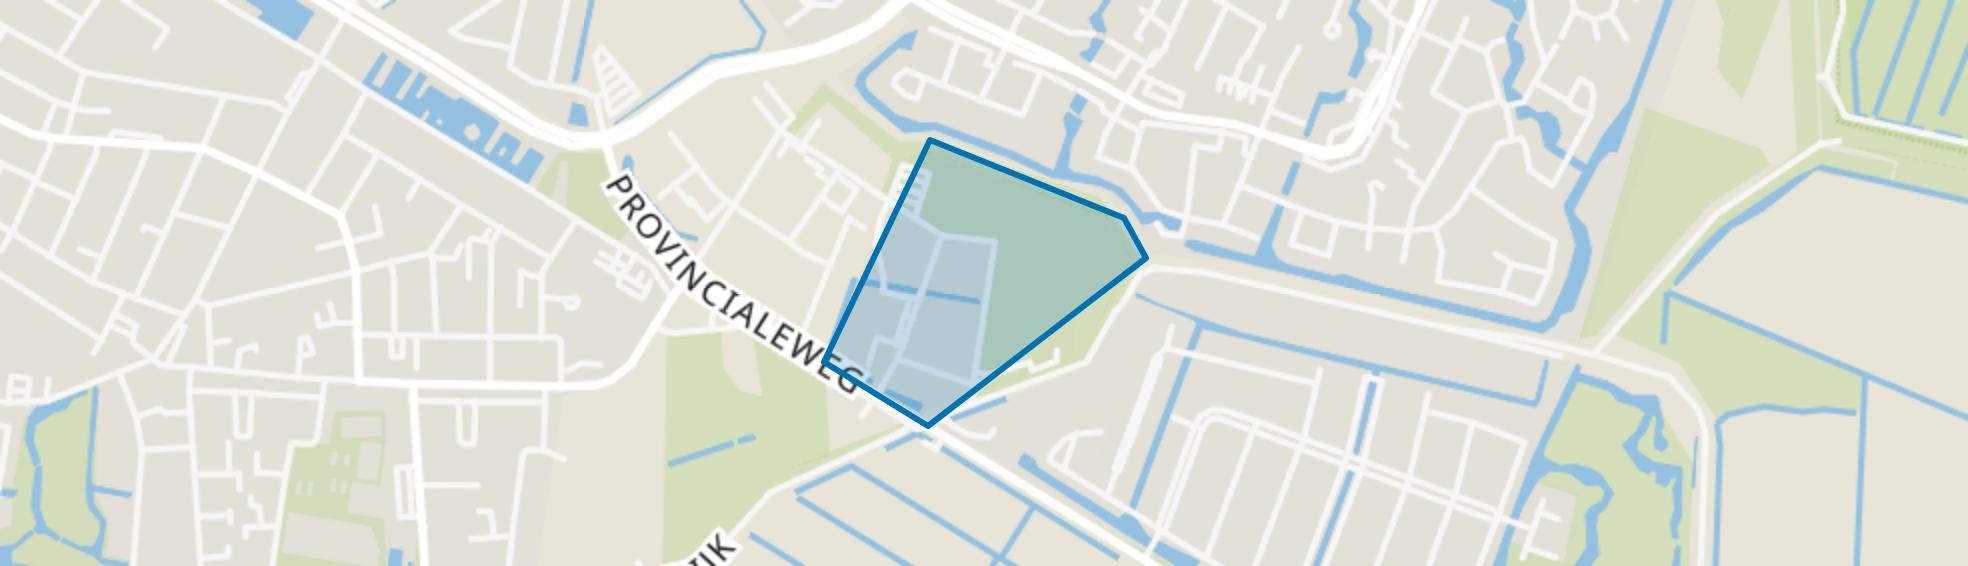 Oudendijk en omgeving, Dordrecht map